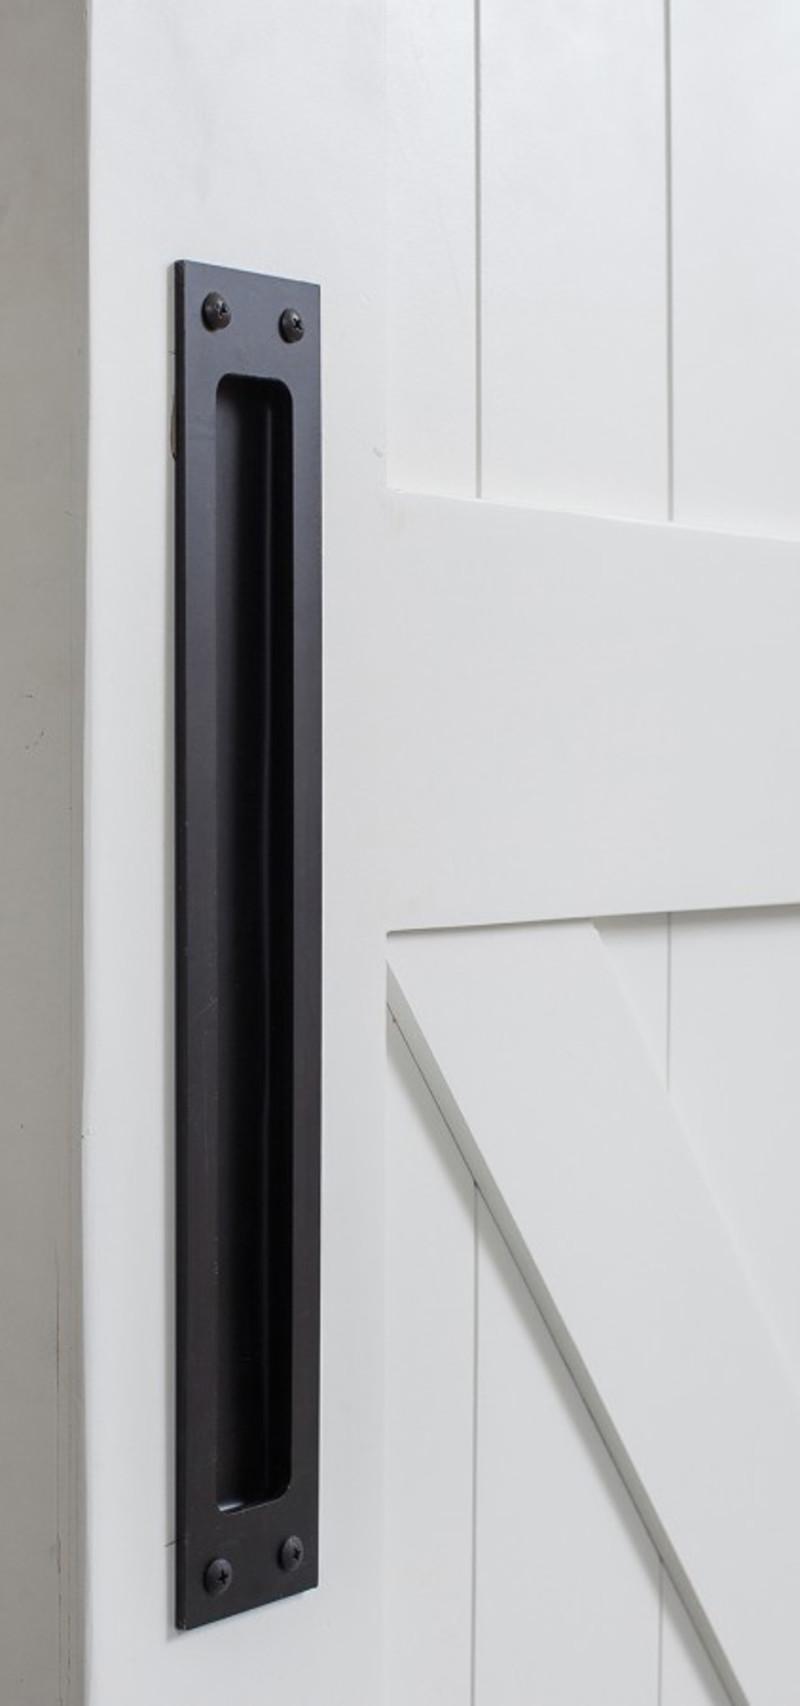 Flush door handle photos wall and door tinfishclematis com for Flush door